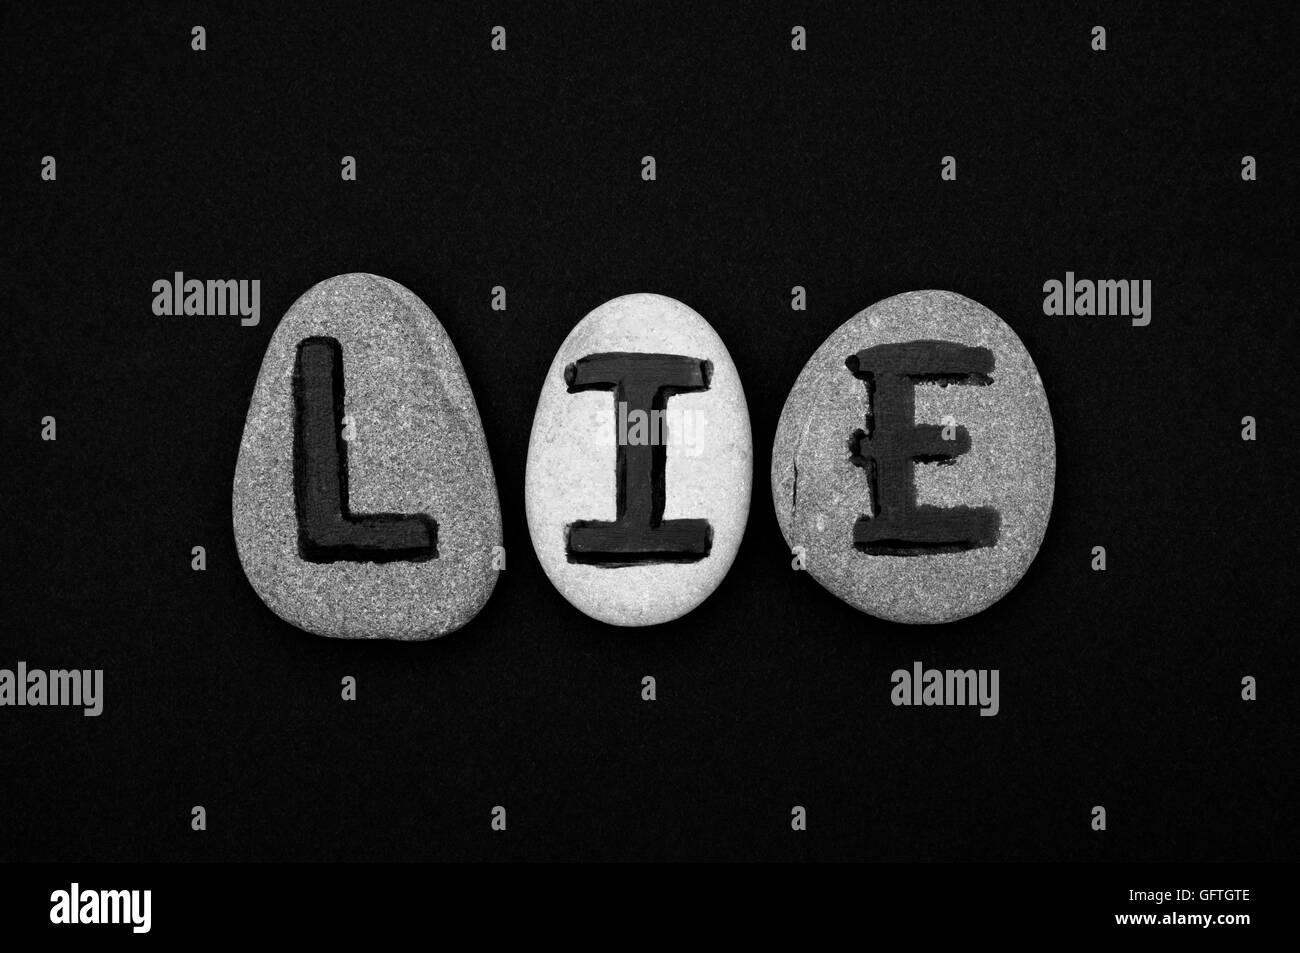 Palabra mentira deletrear desde piedras con letras sobre fondo negro. Blanco y negro. Cartas dibujadas por mí. Imagen De Stock